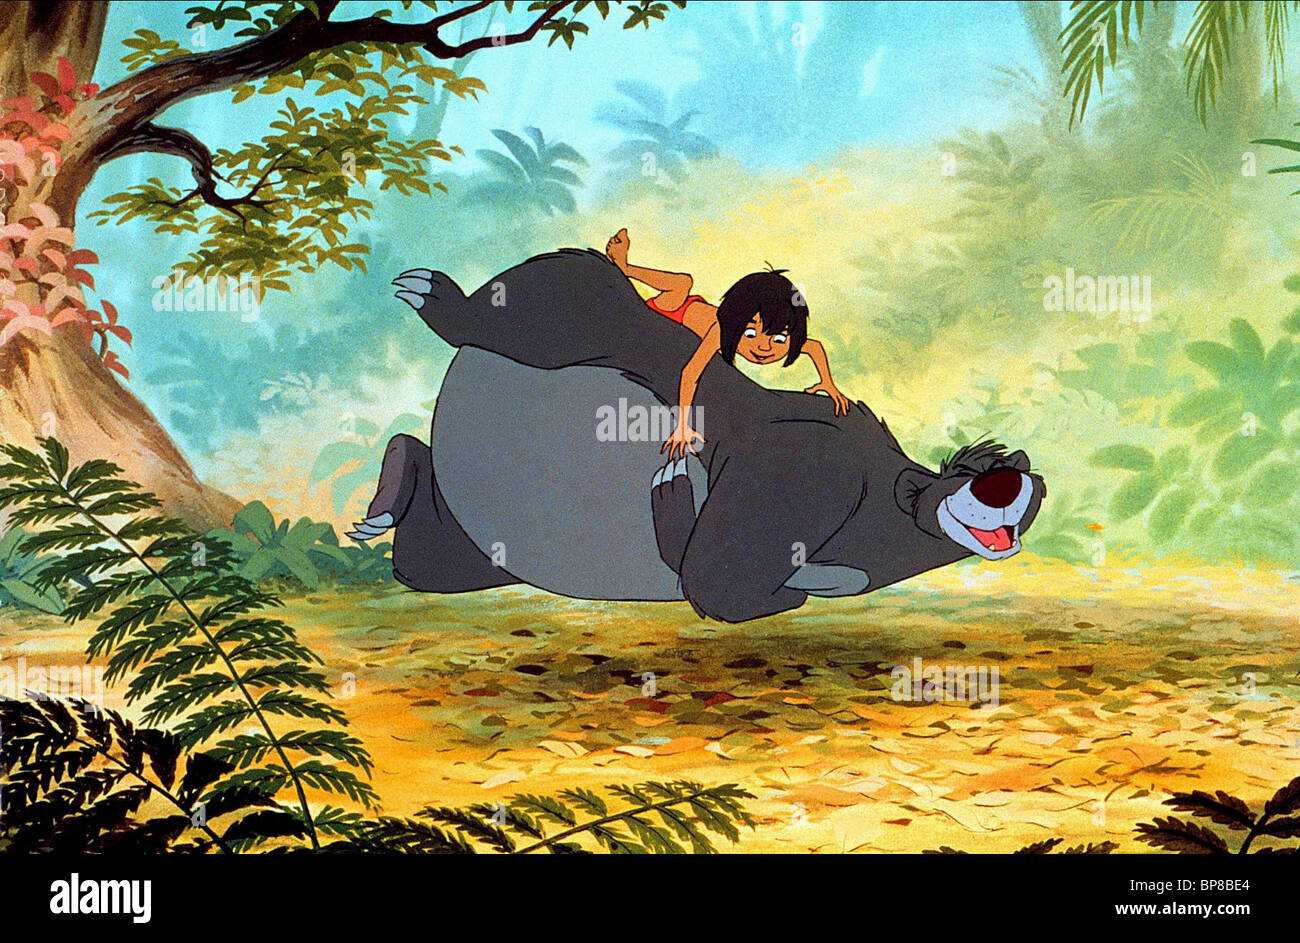 l 39 ours baloo mowgli le livre de la jungle 1967 banque d 39 images photo stock 30917436 alamy. Black Bedroom Furniture Sets. Home Design Ideas